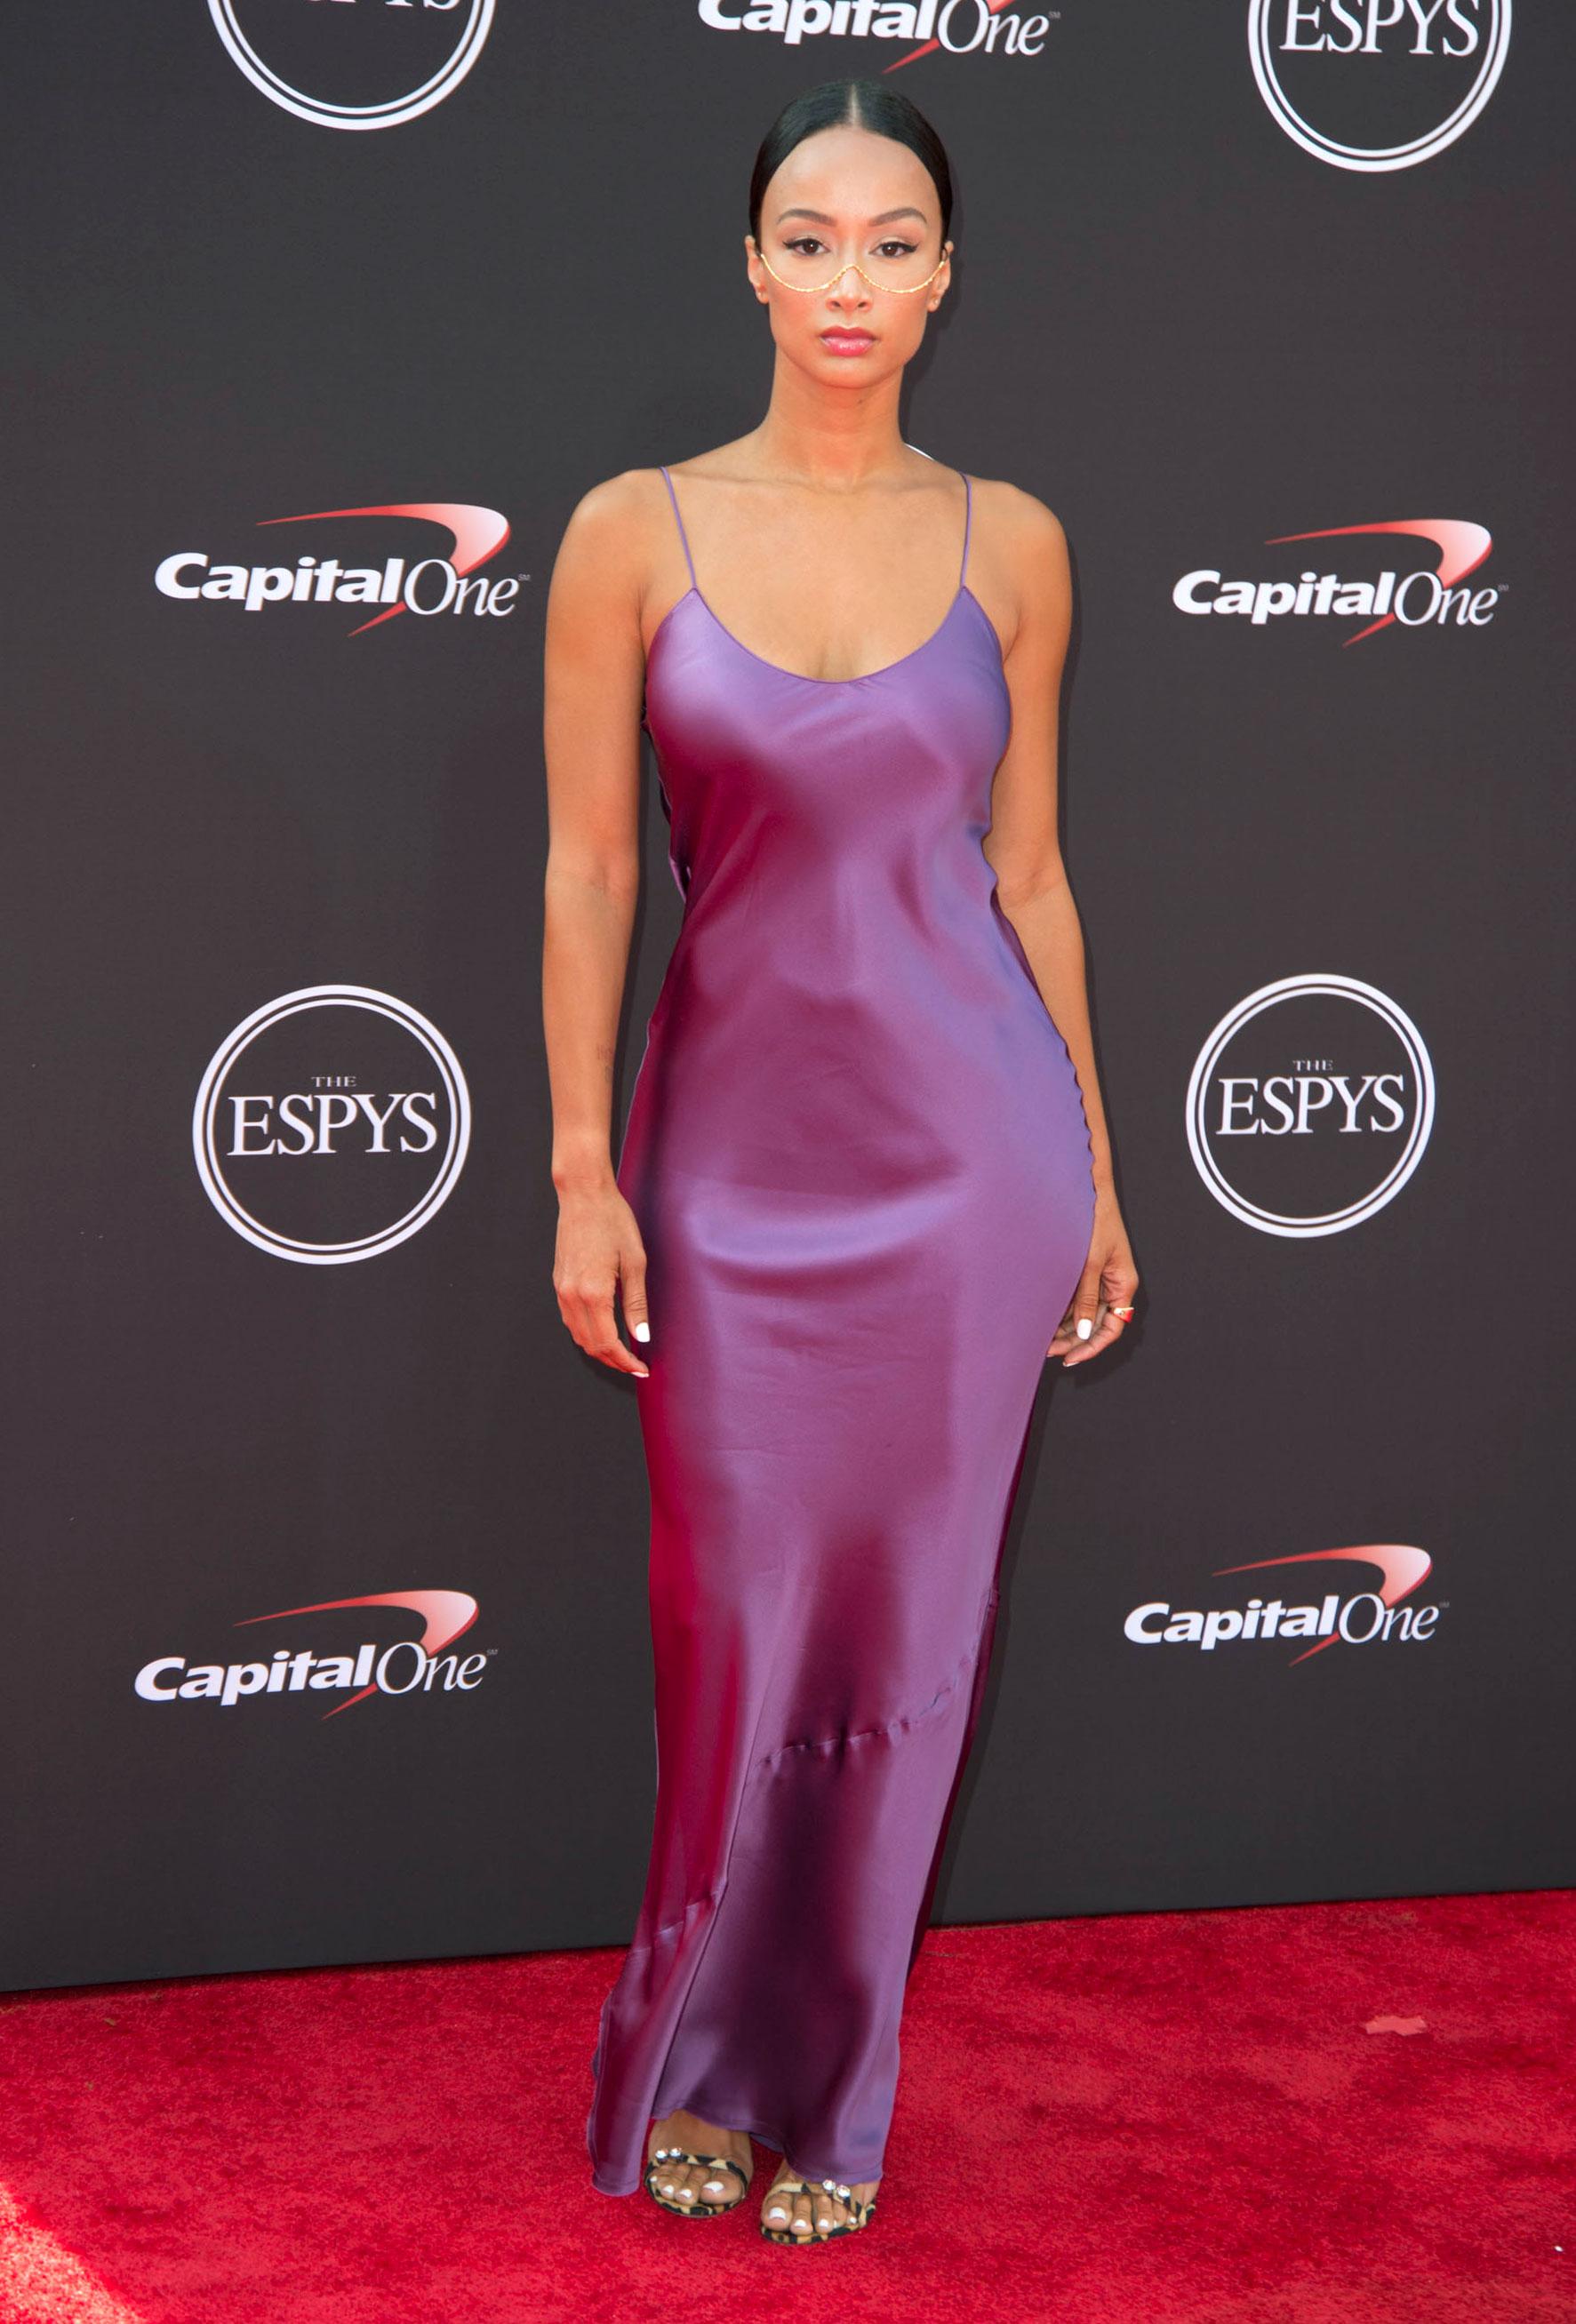 DRAYA-MICHELE-espys - Wearing a purple Nili Lotan slip dress.